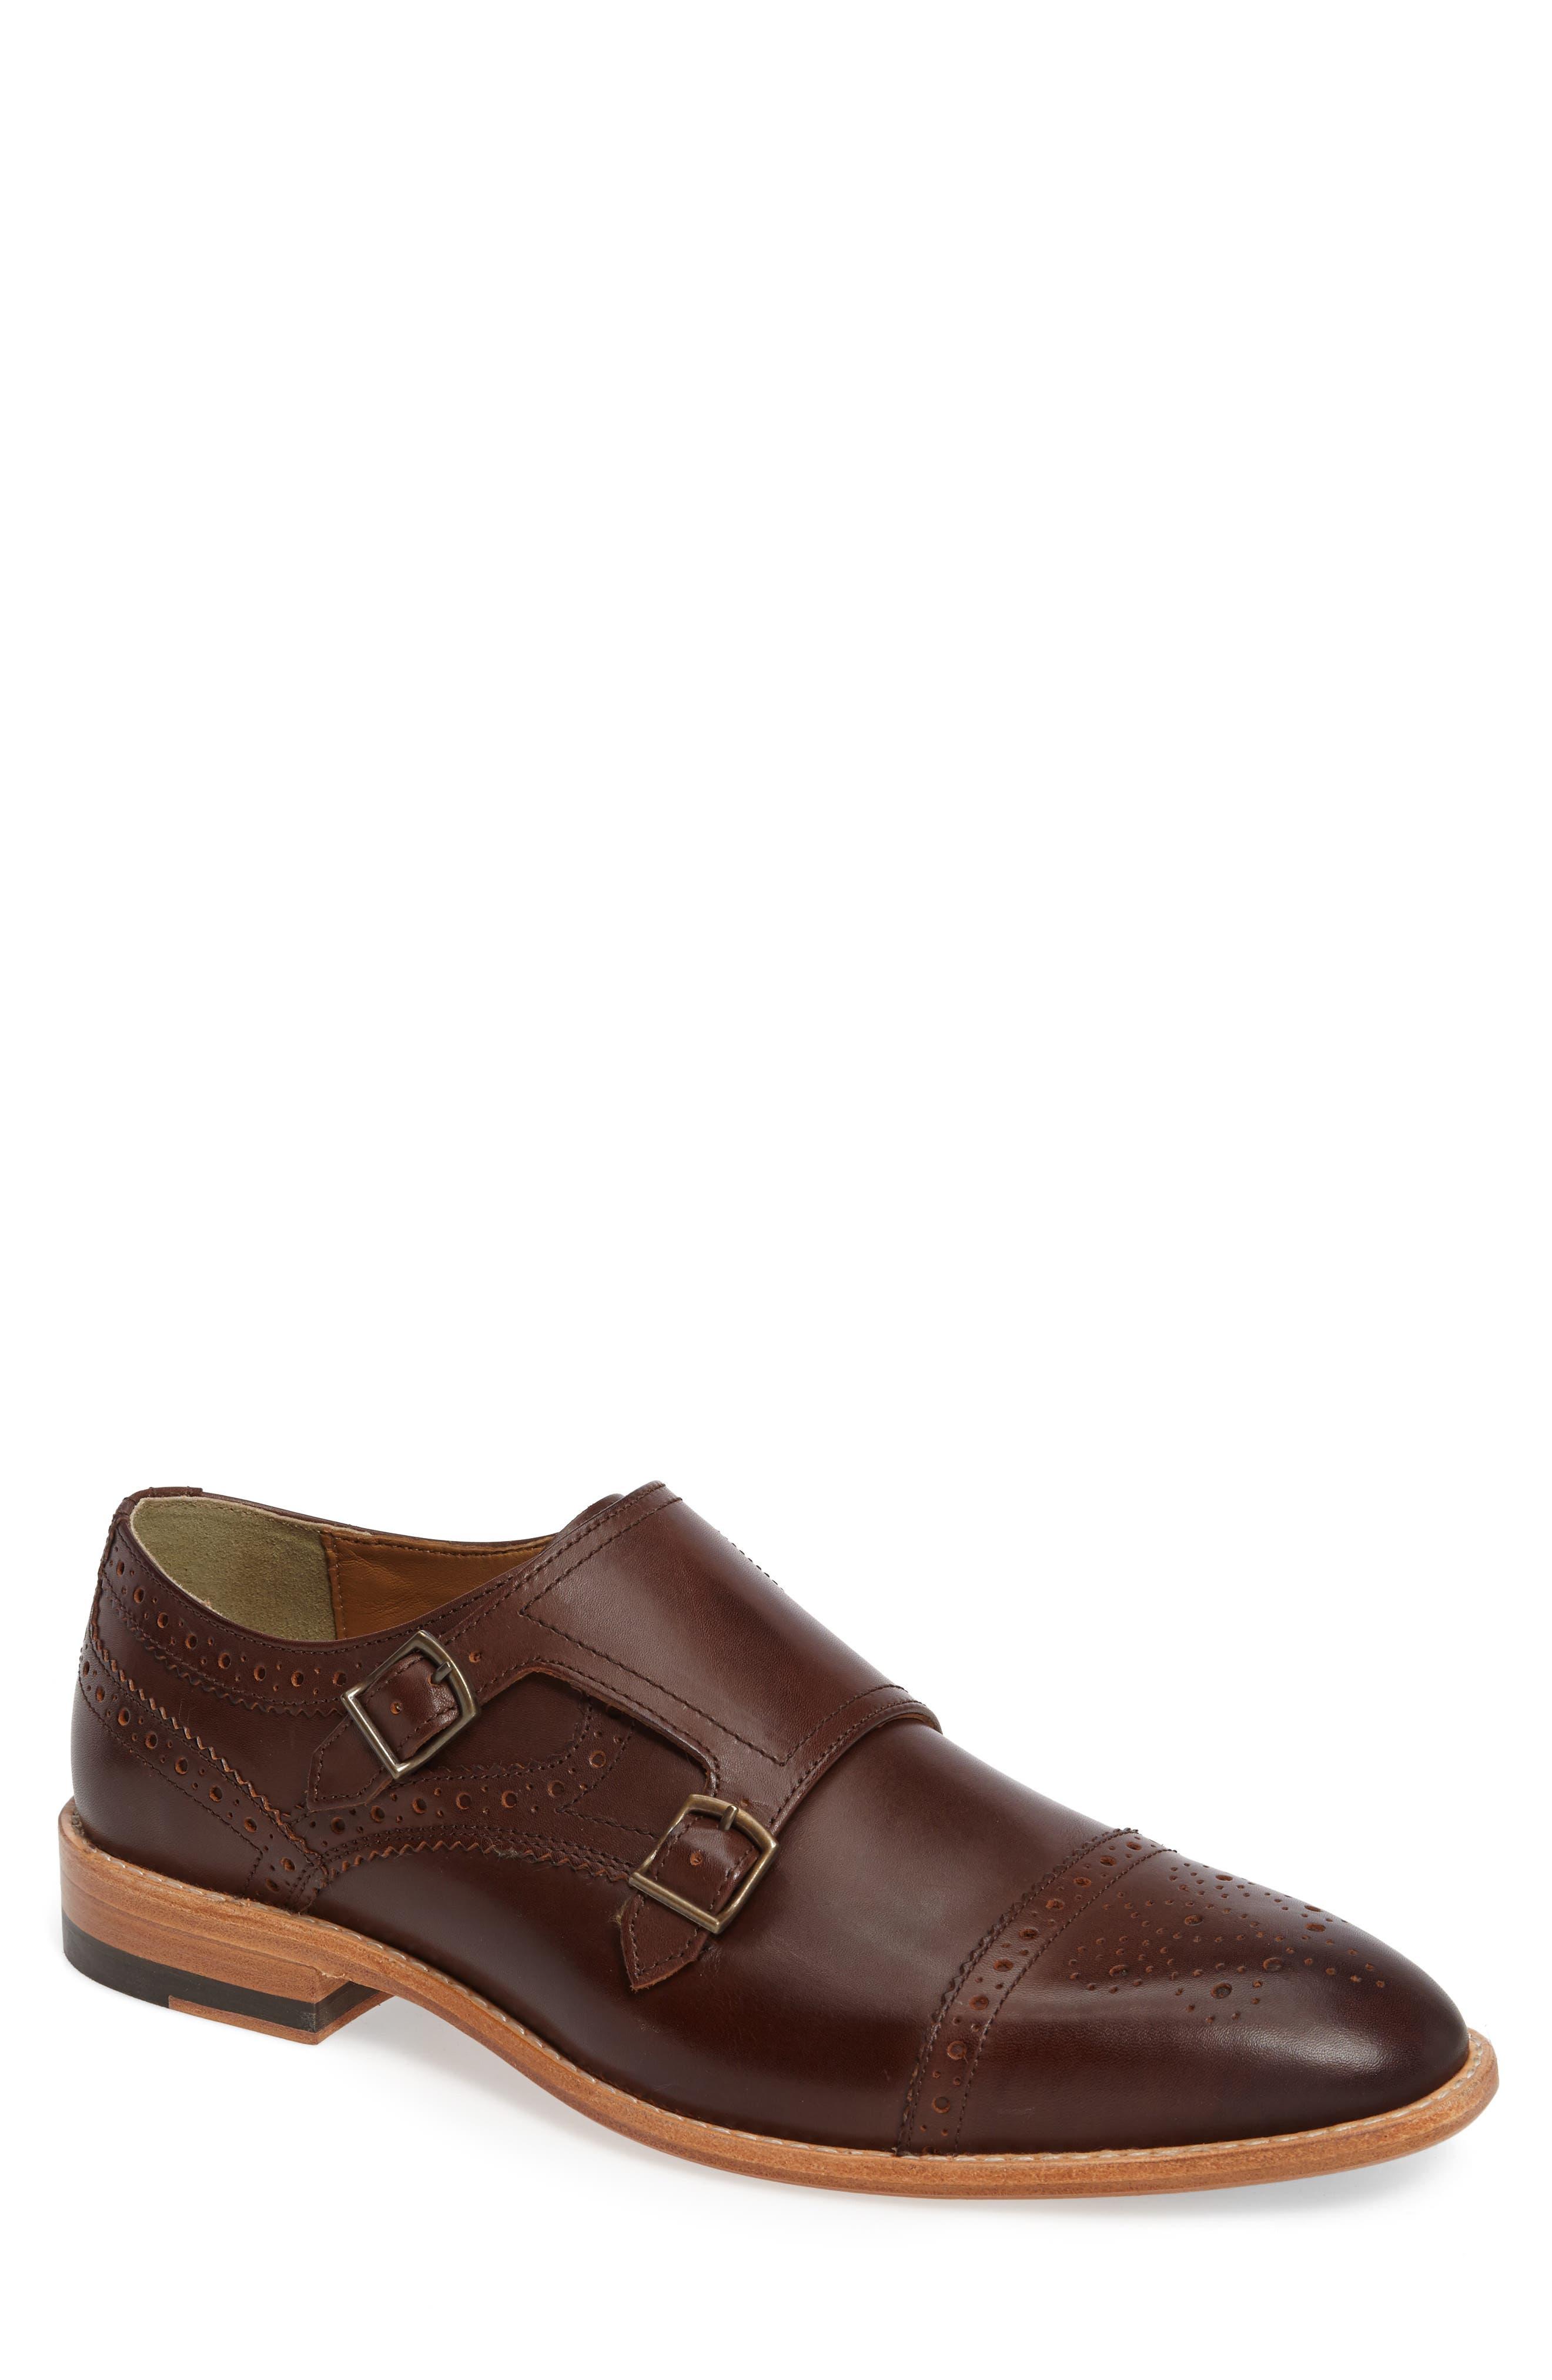 Vance Cap Toe Monk Shoe,                         Main,                         color,